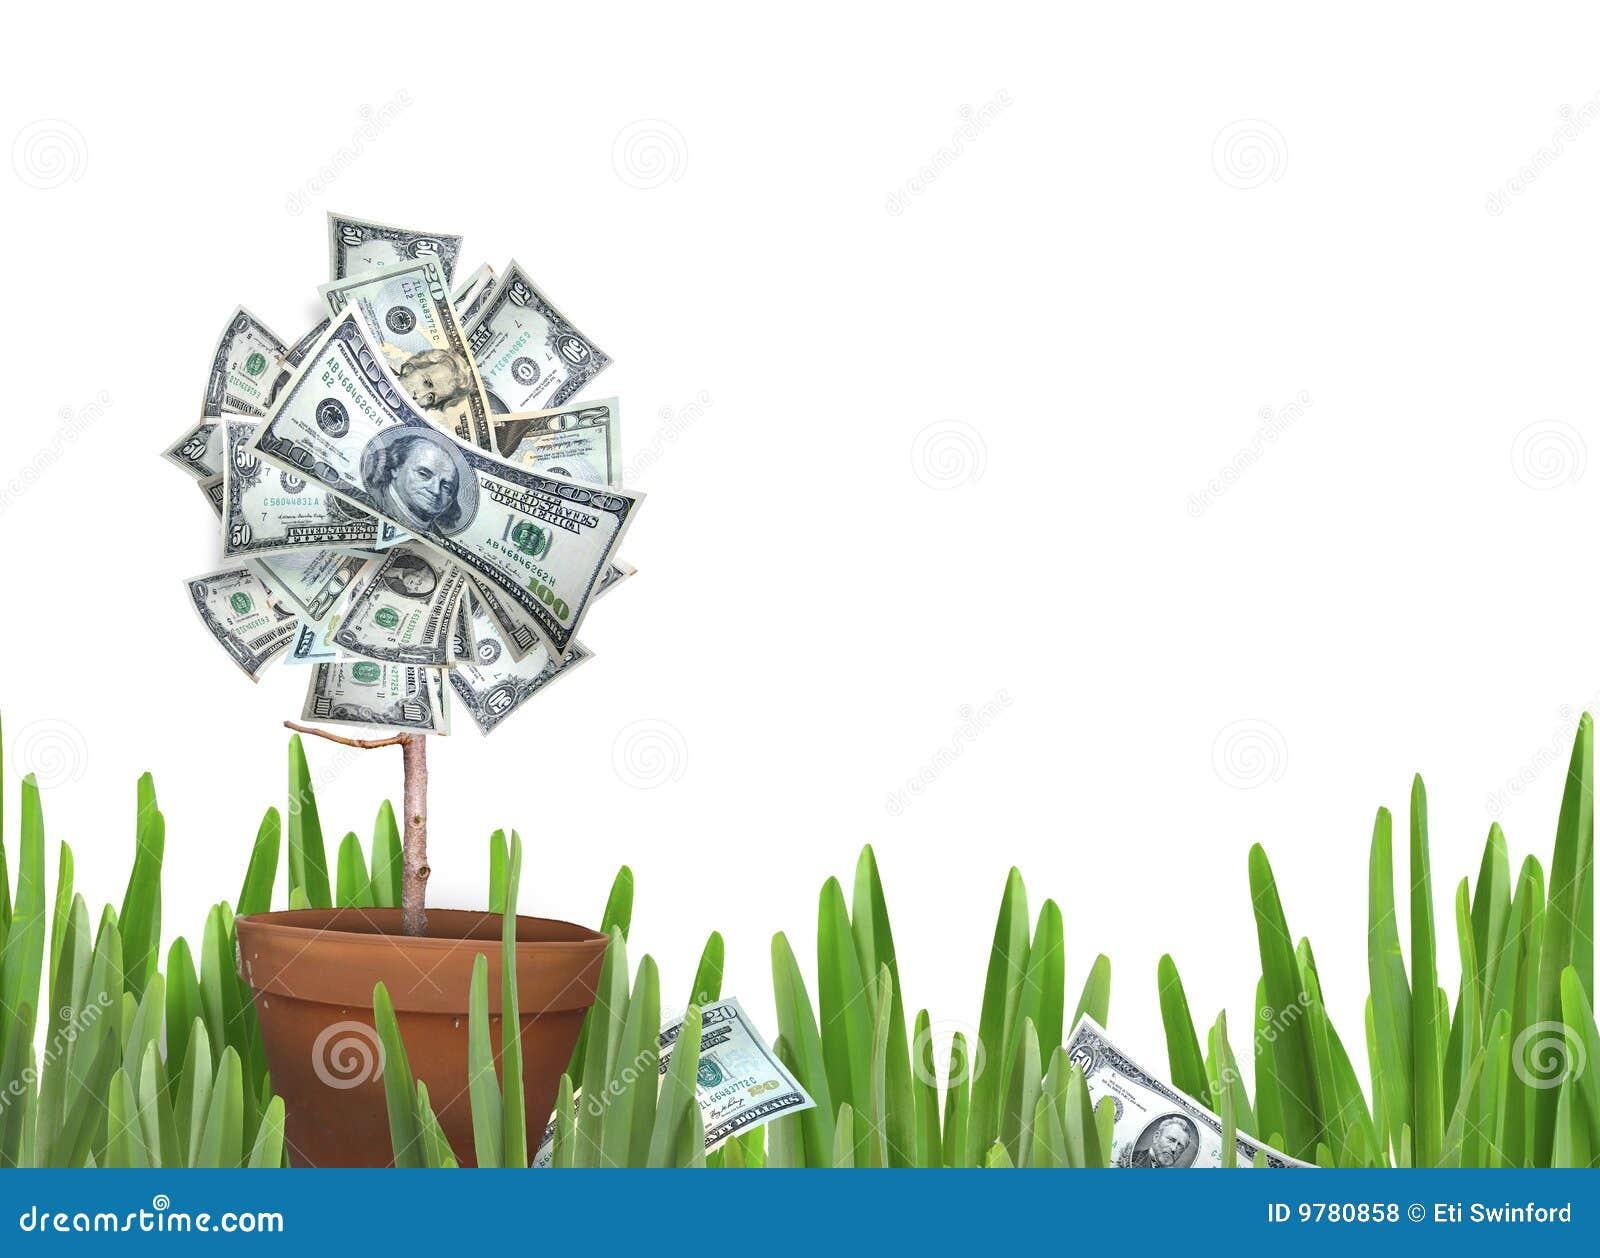 Flower money